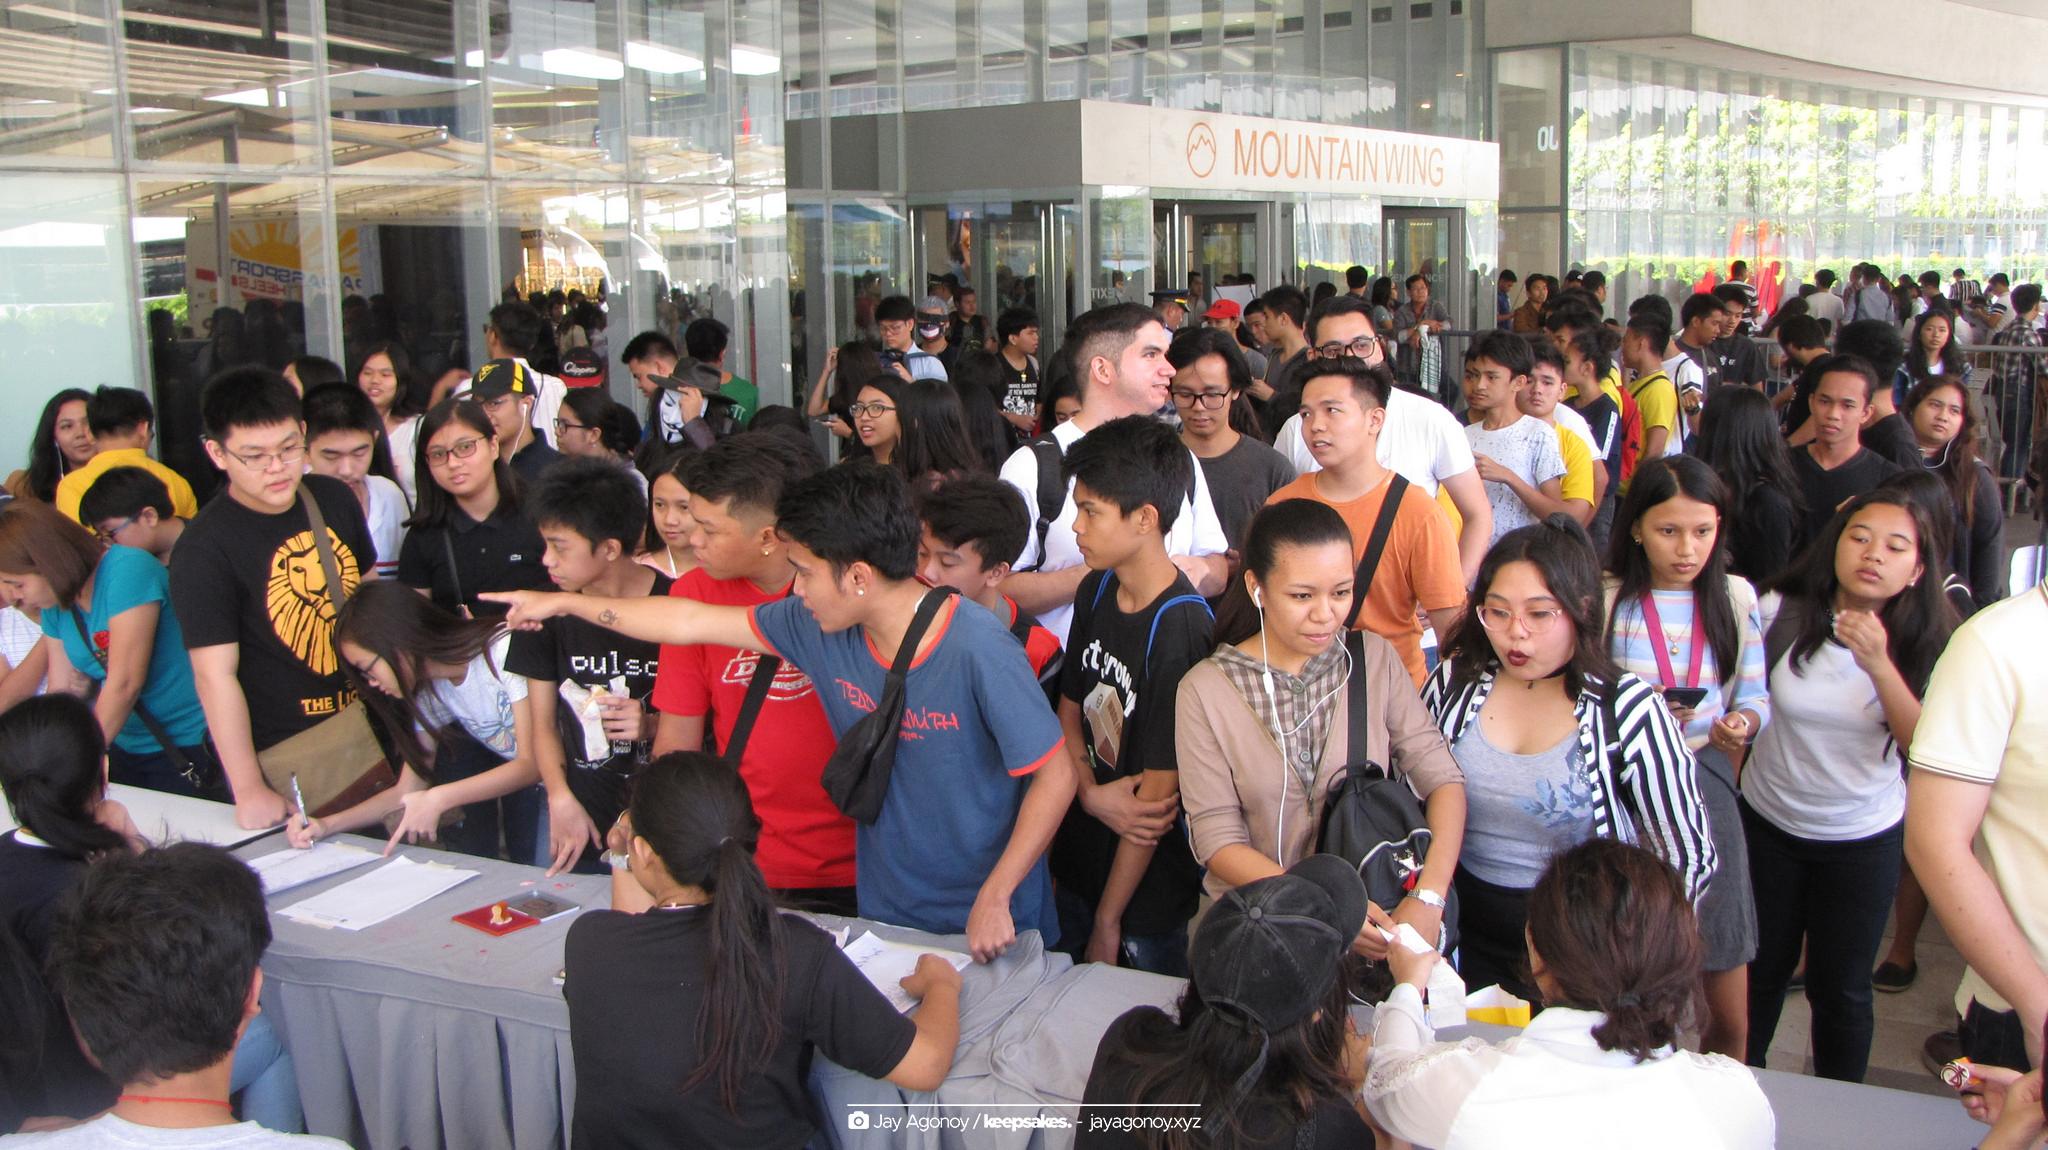 Cebu's Otakufest 2020 on February 22-23 at SM Seaside City Cebu